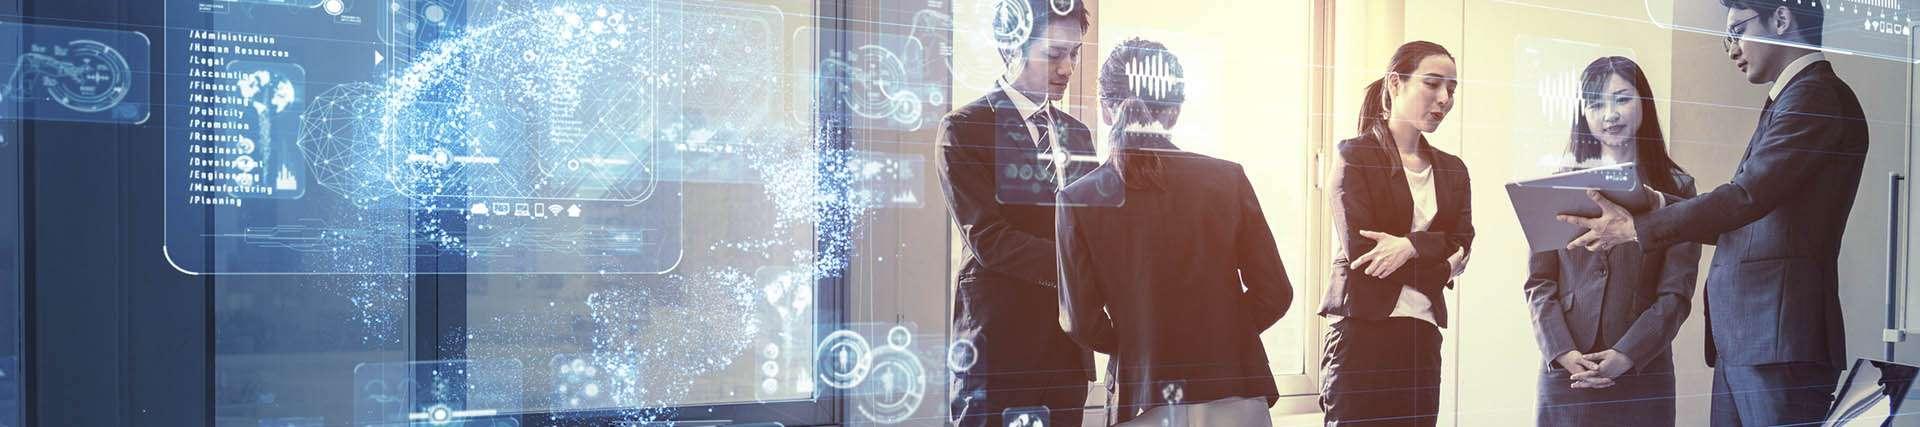 O que é a transformação digital